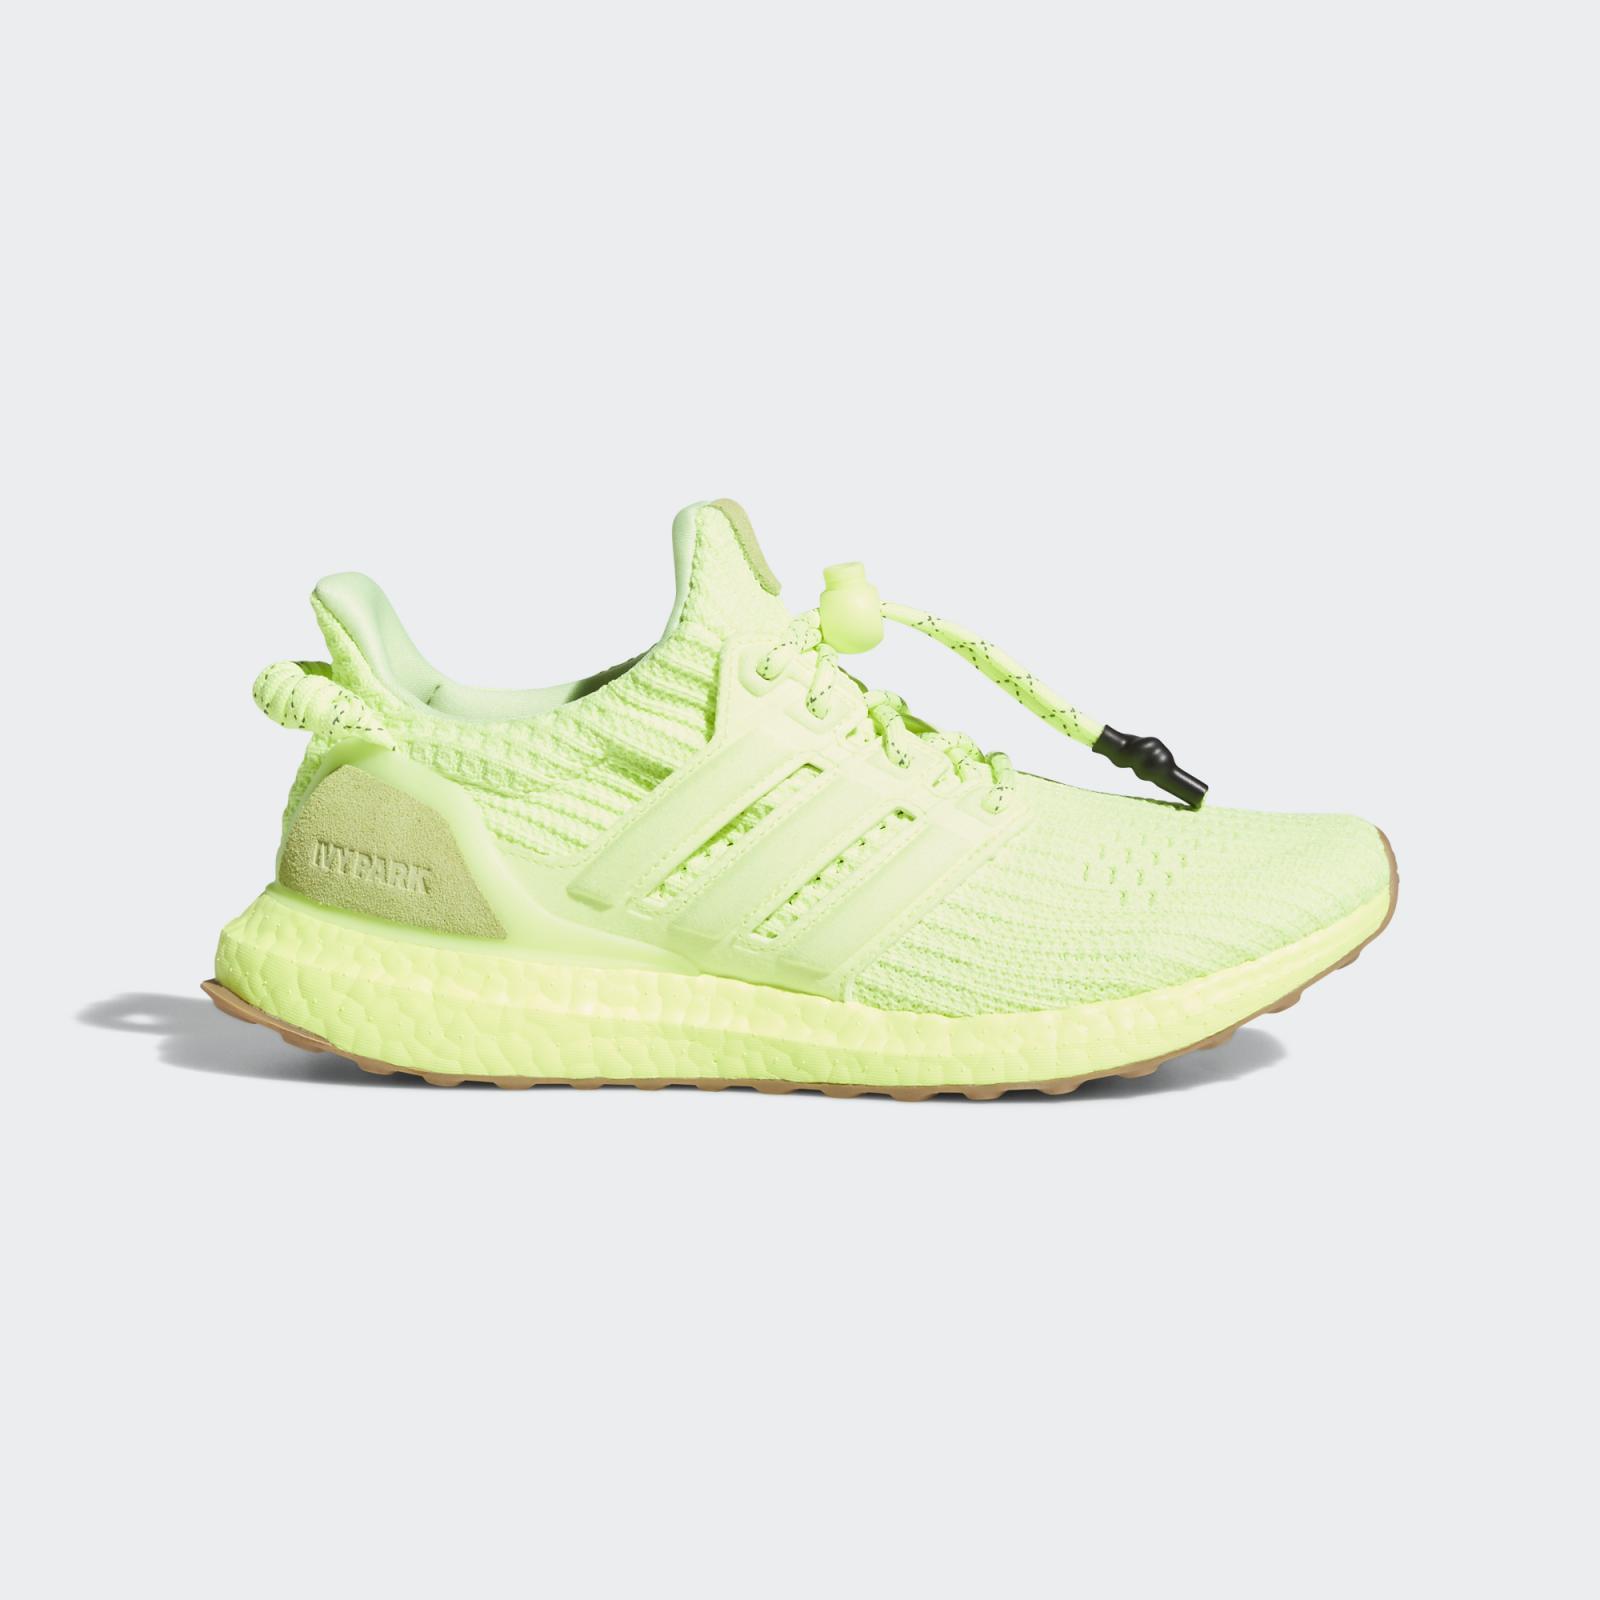 adidas Originals发布全新高光红黄/树脂黄4配色IVP UltraBOOST OG